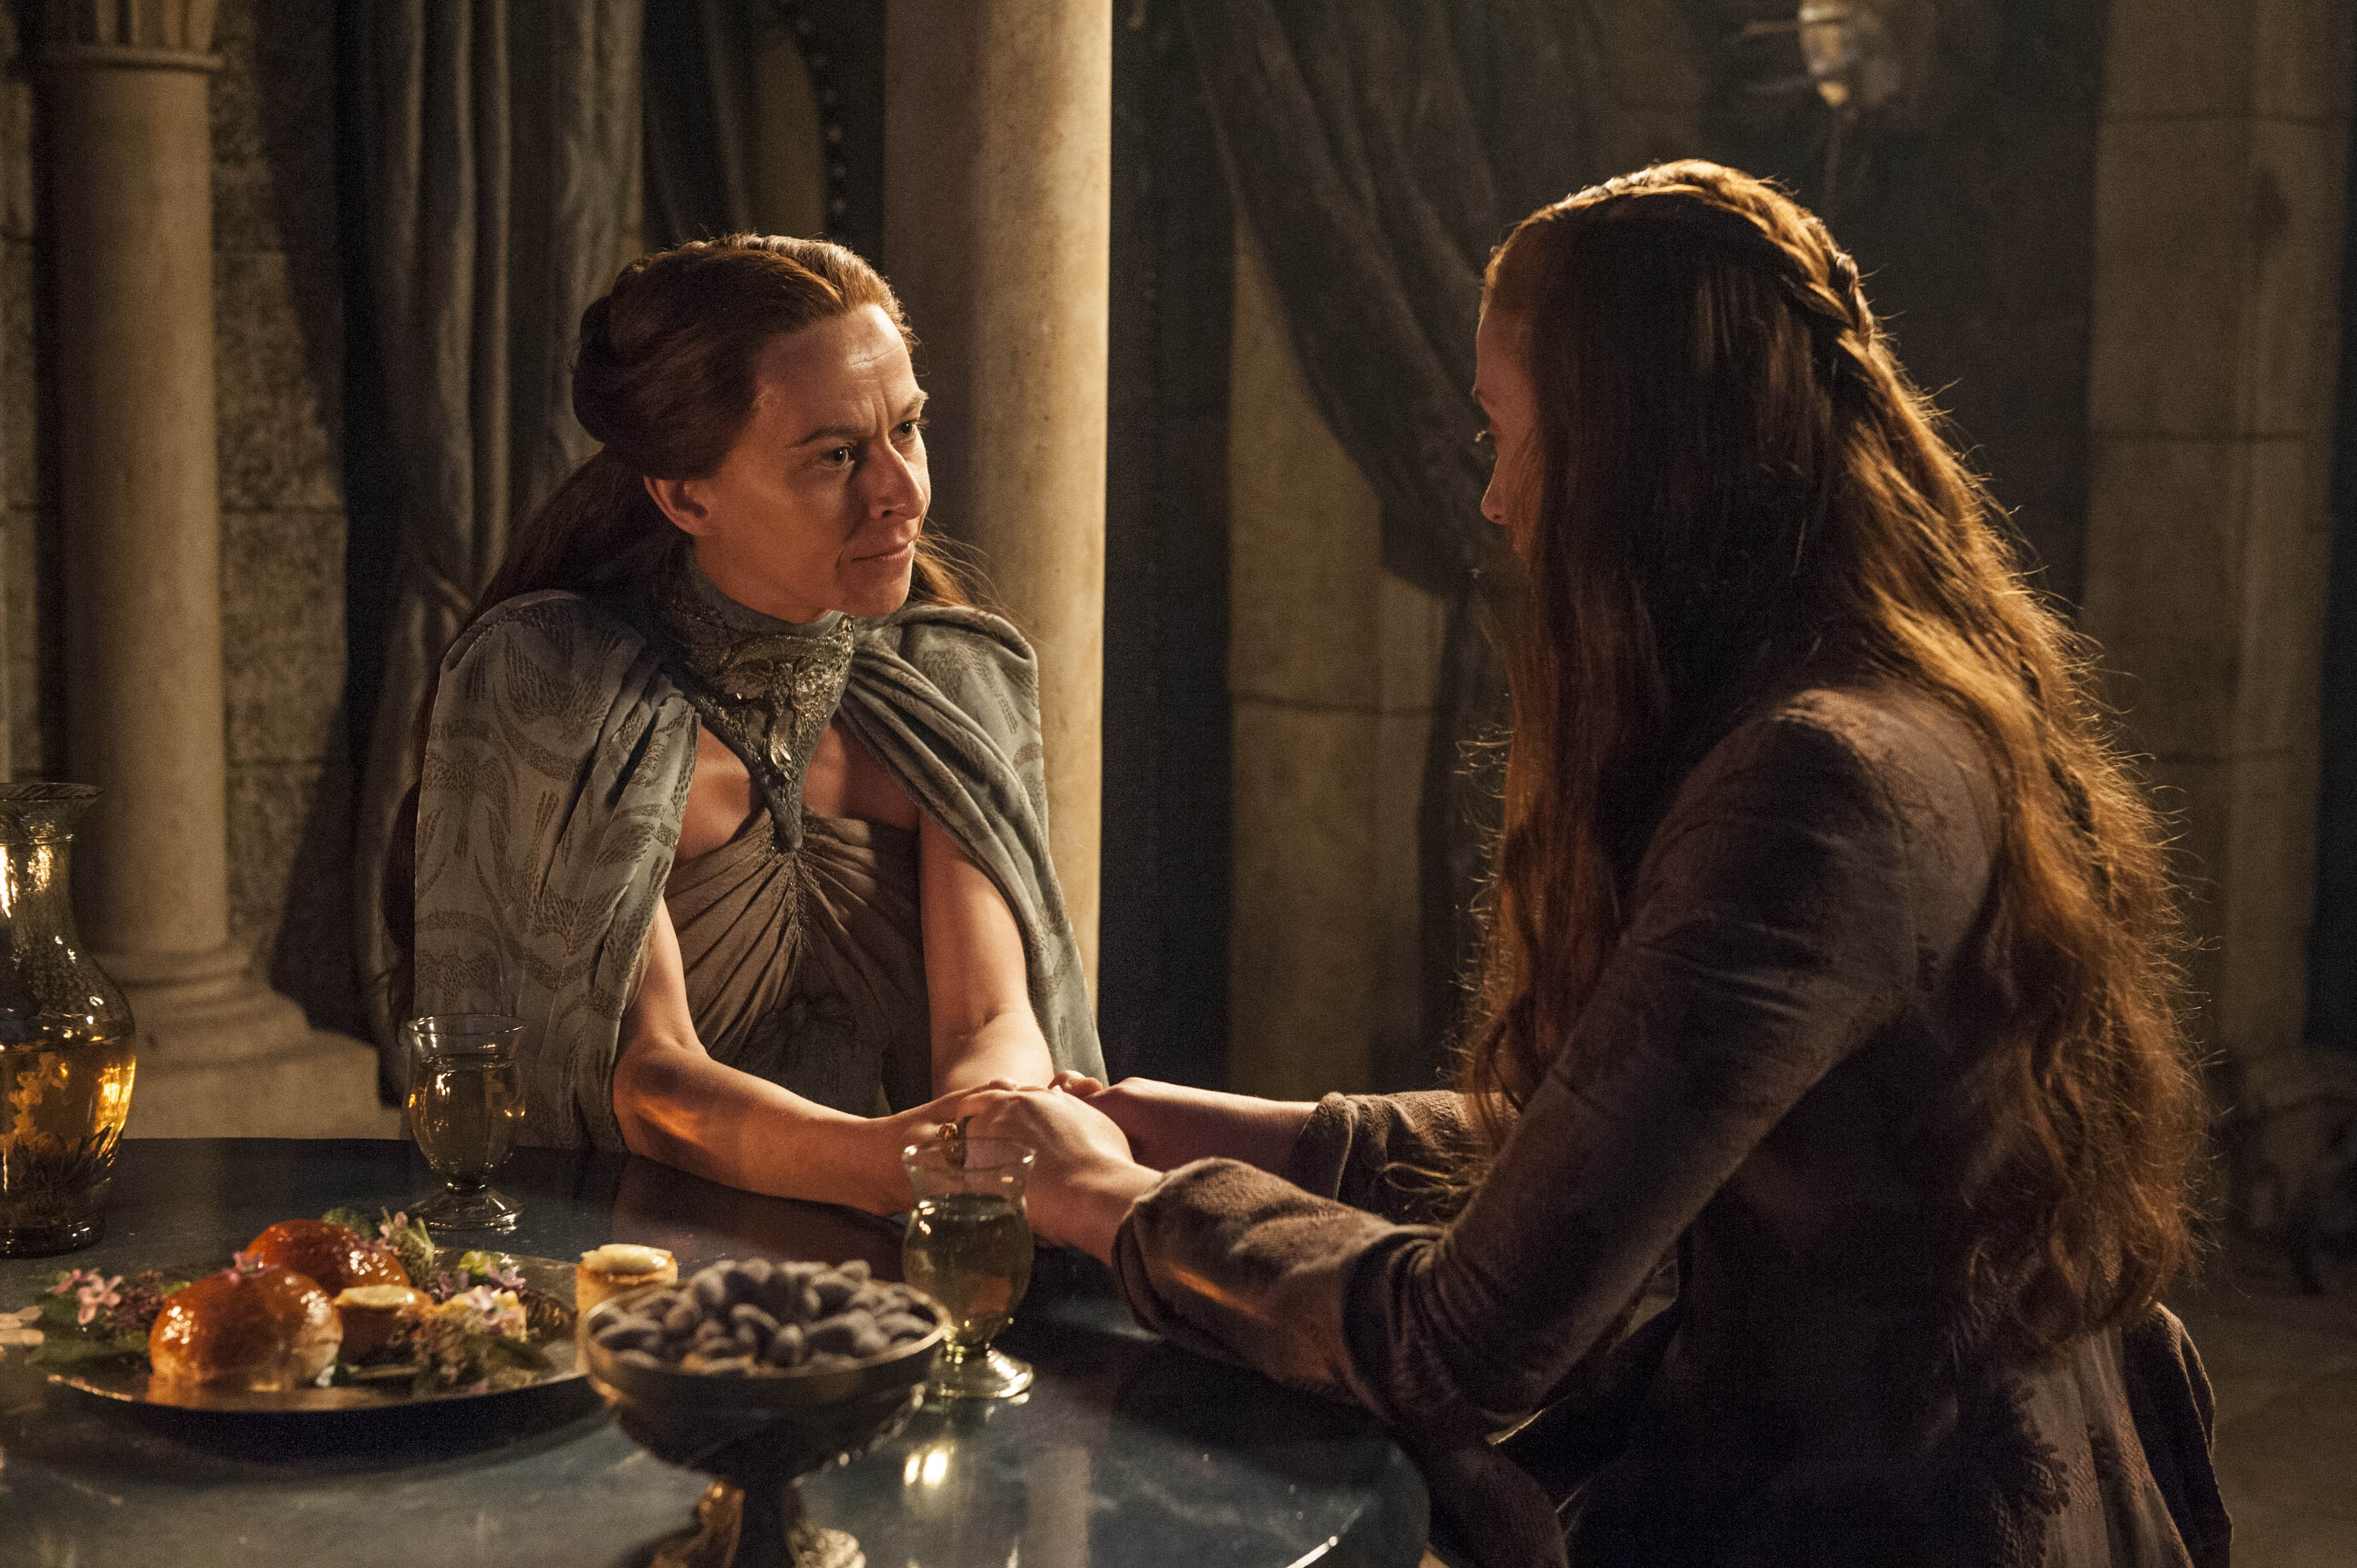 Sansa Stark and Lysa Arryn